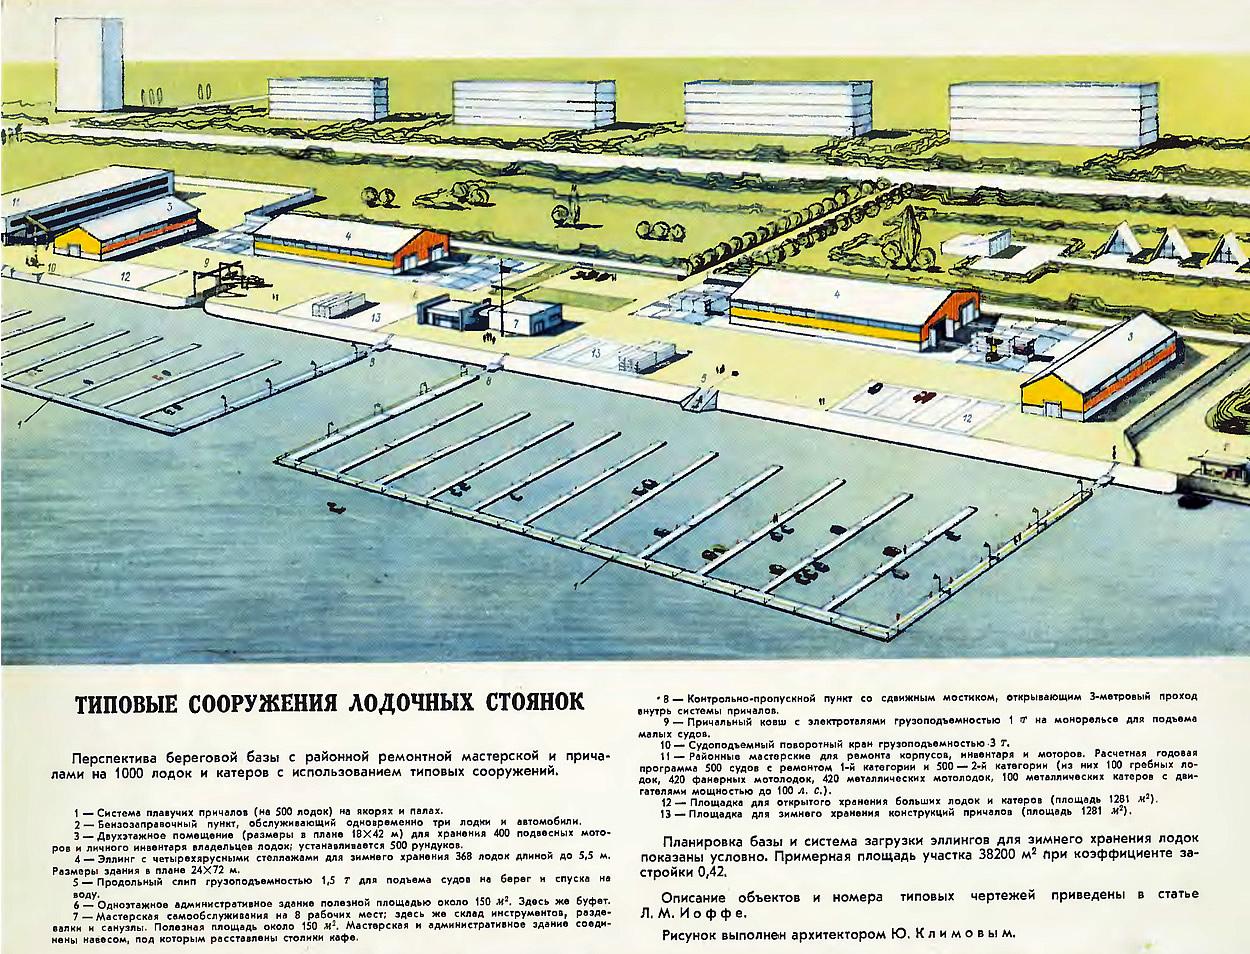 Примерная компоновка типовых сооружений для береговой базы на 1000 лодок